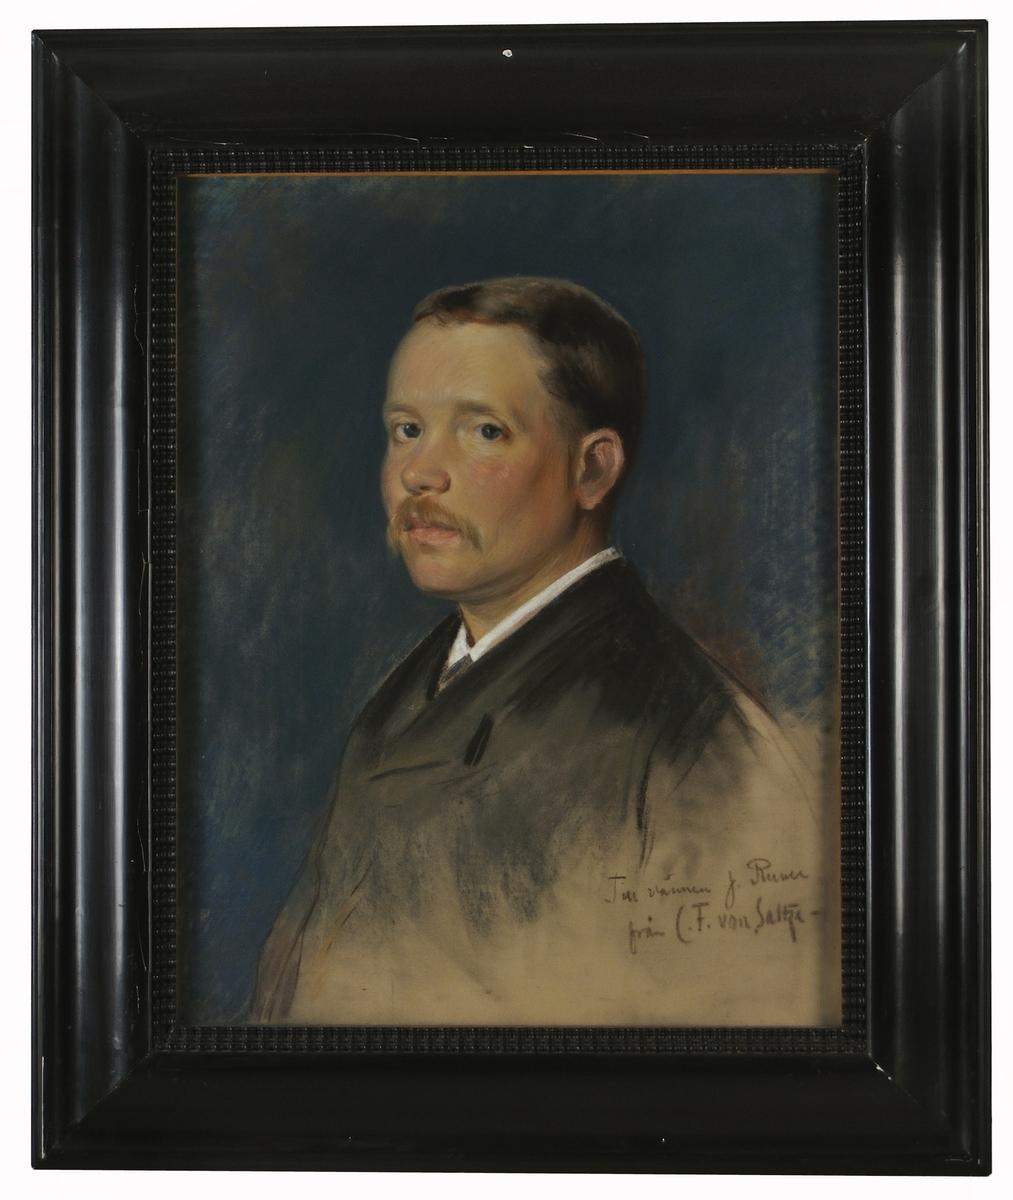 Porträtt av John Runer utfört av Carl Fredrik von Saltza.